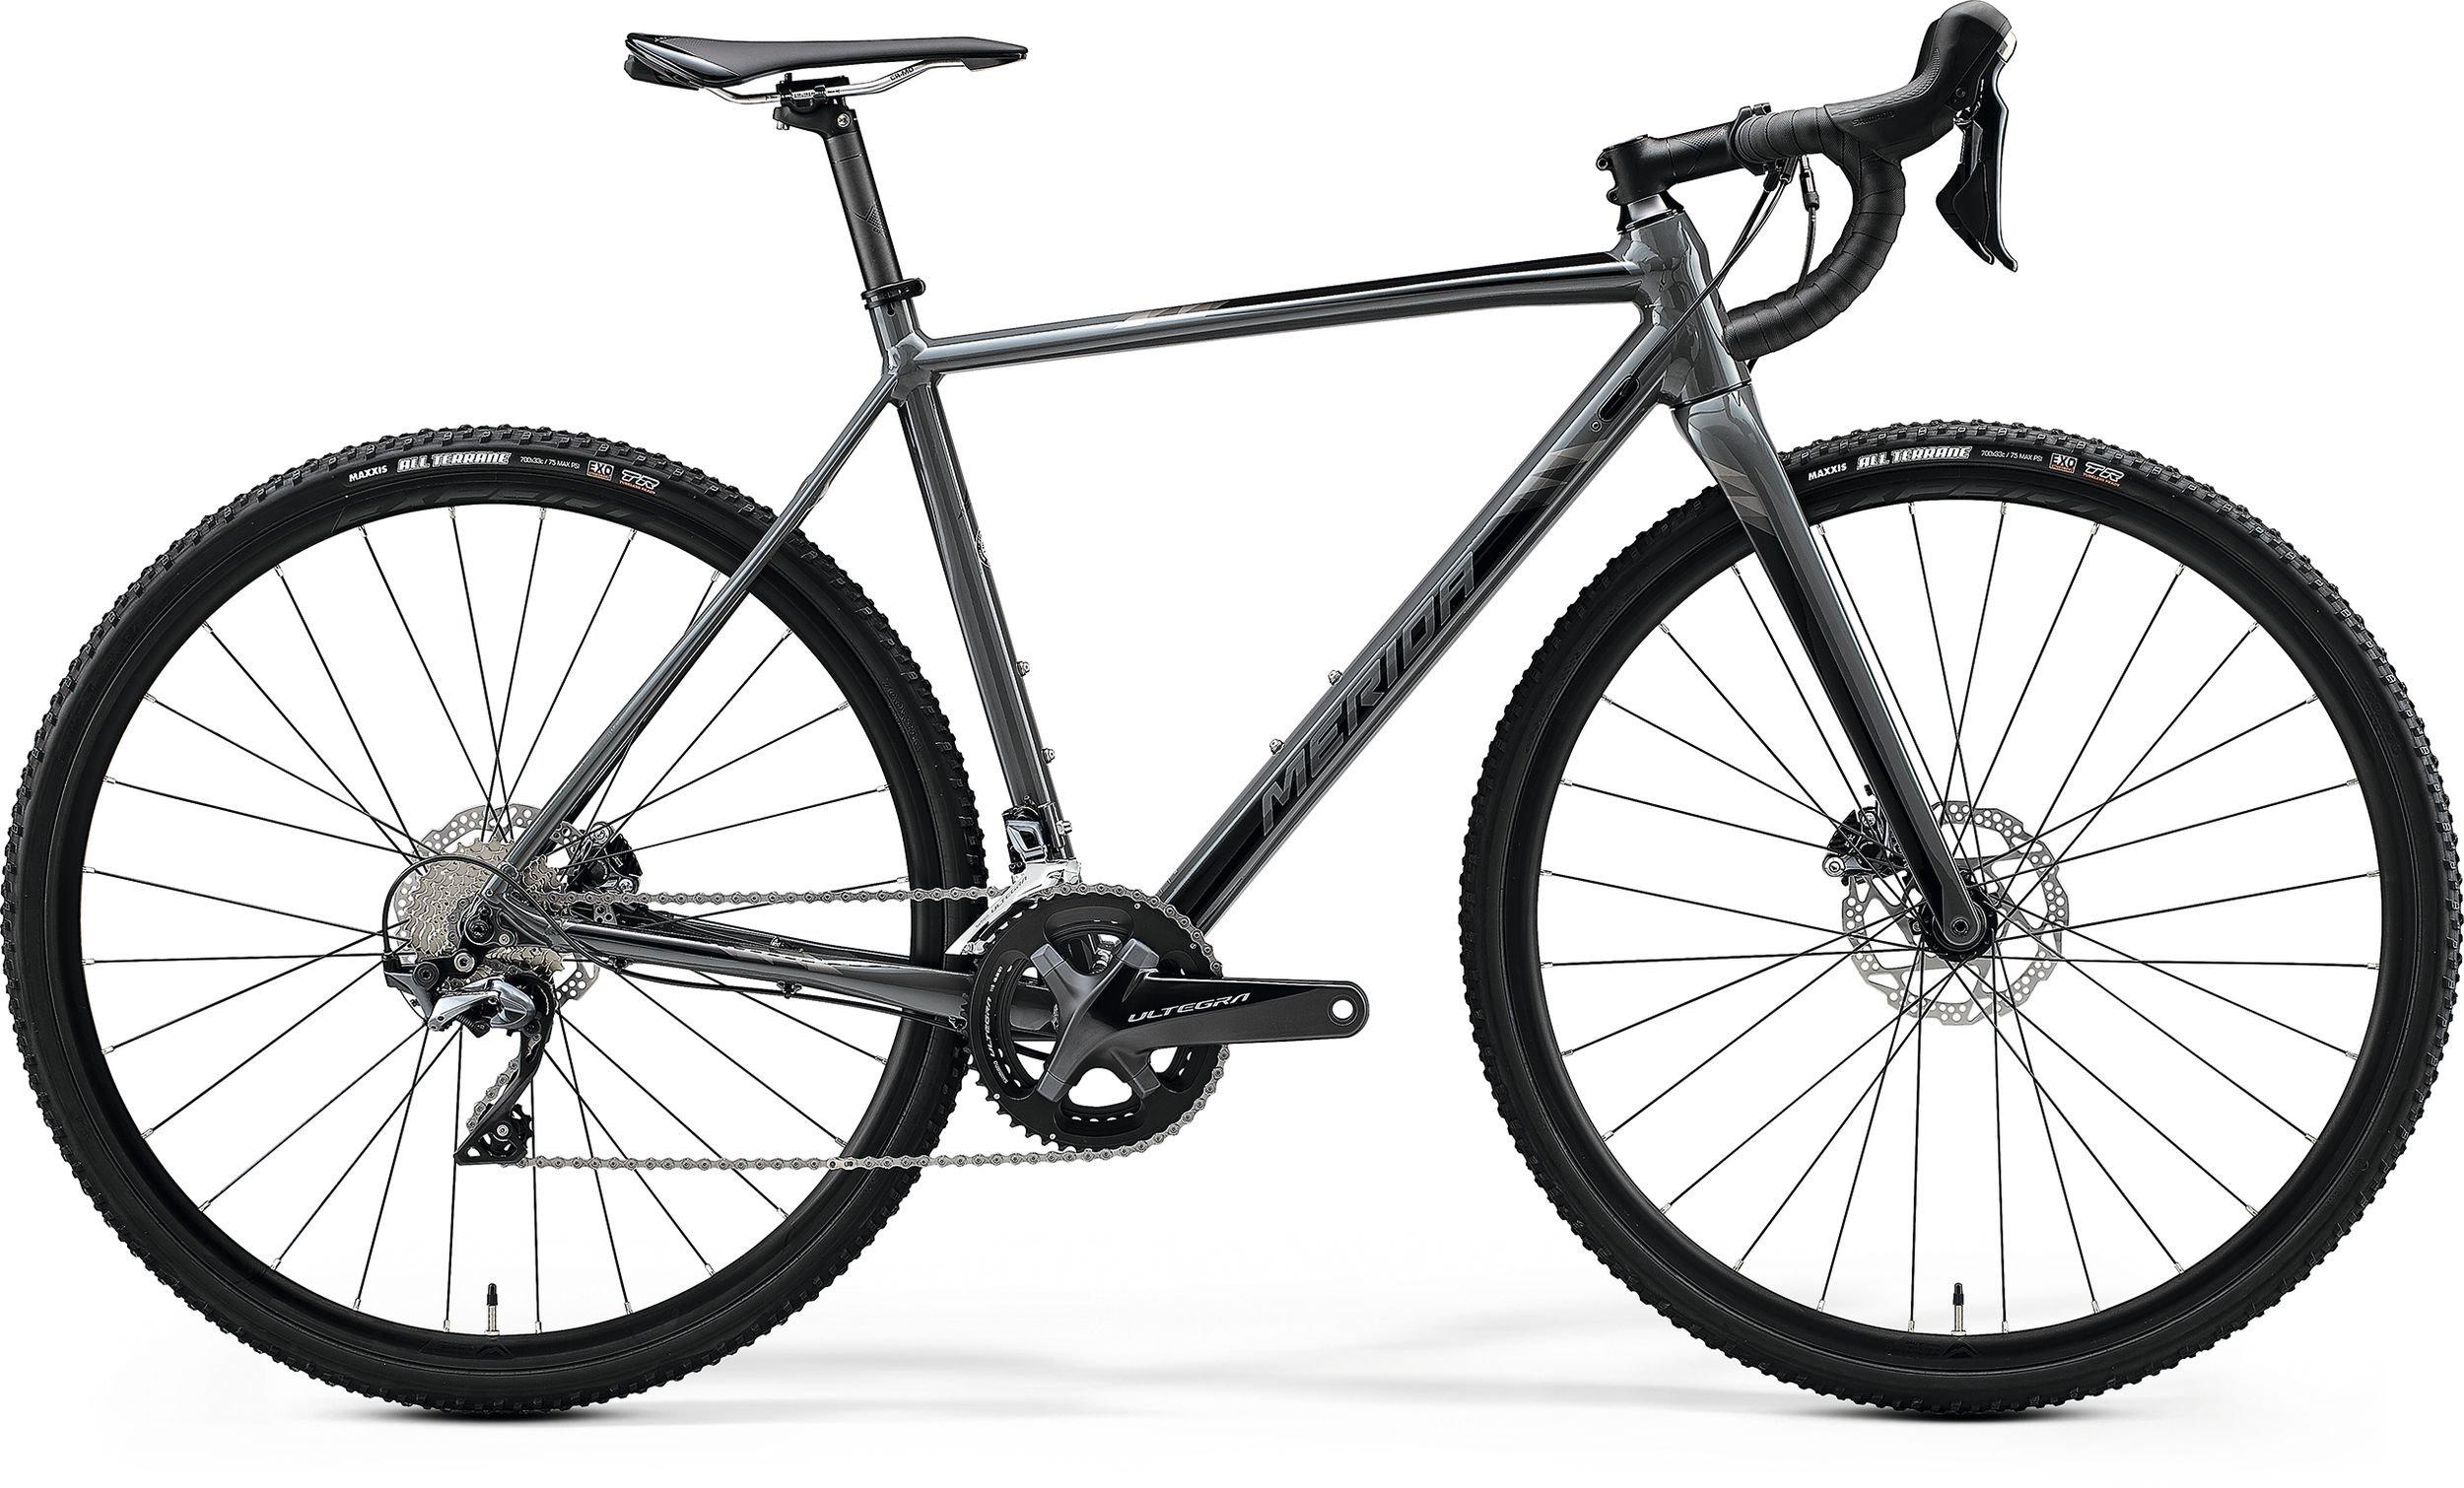 Merida MISSION CX 700 šedé/černé (175-185 cm)